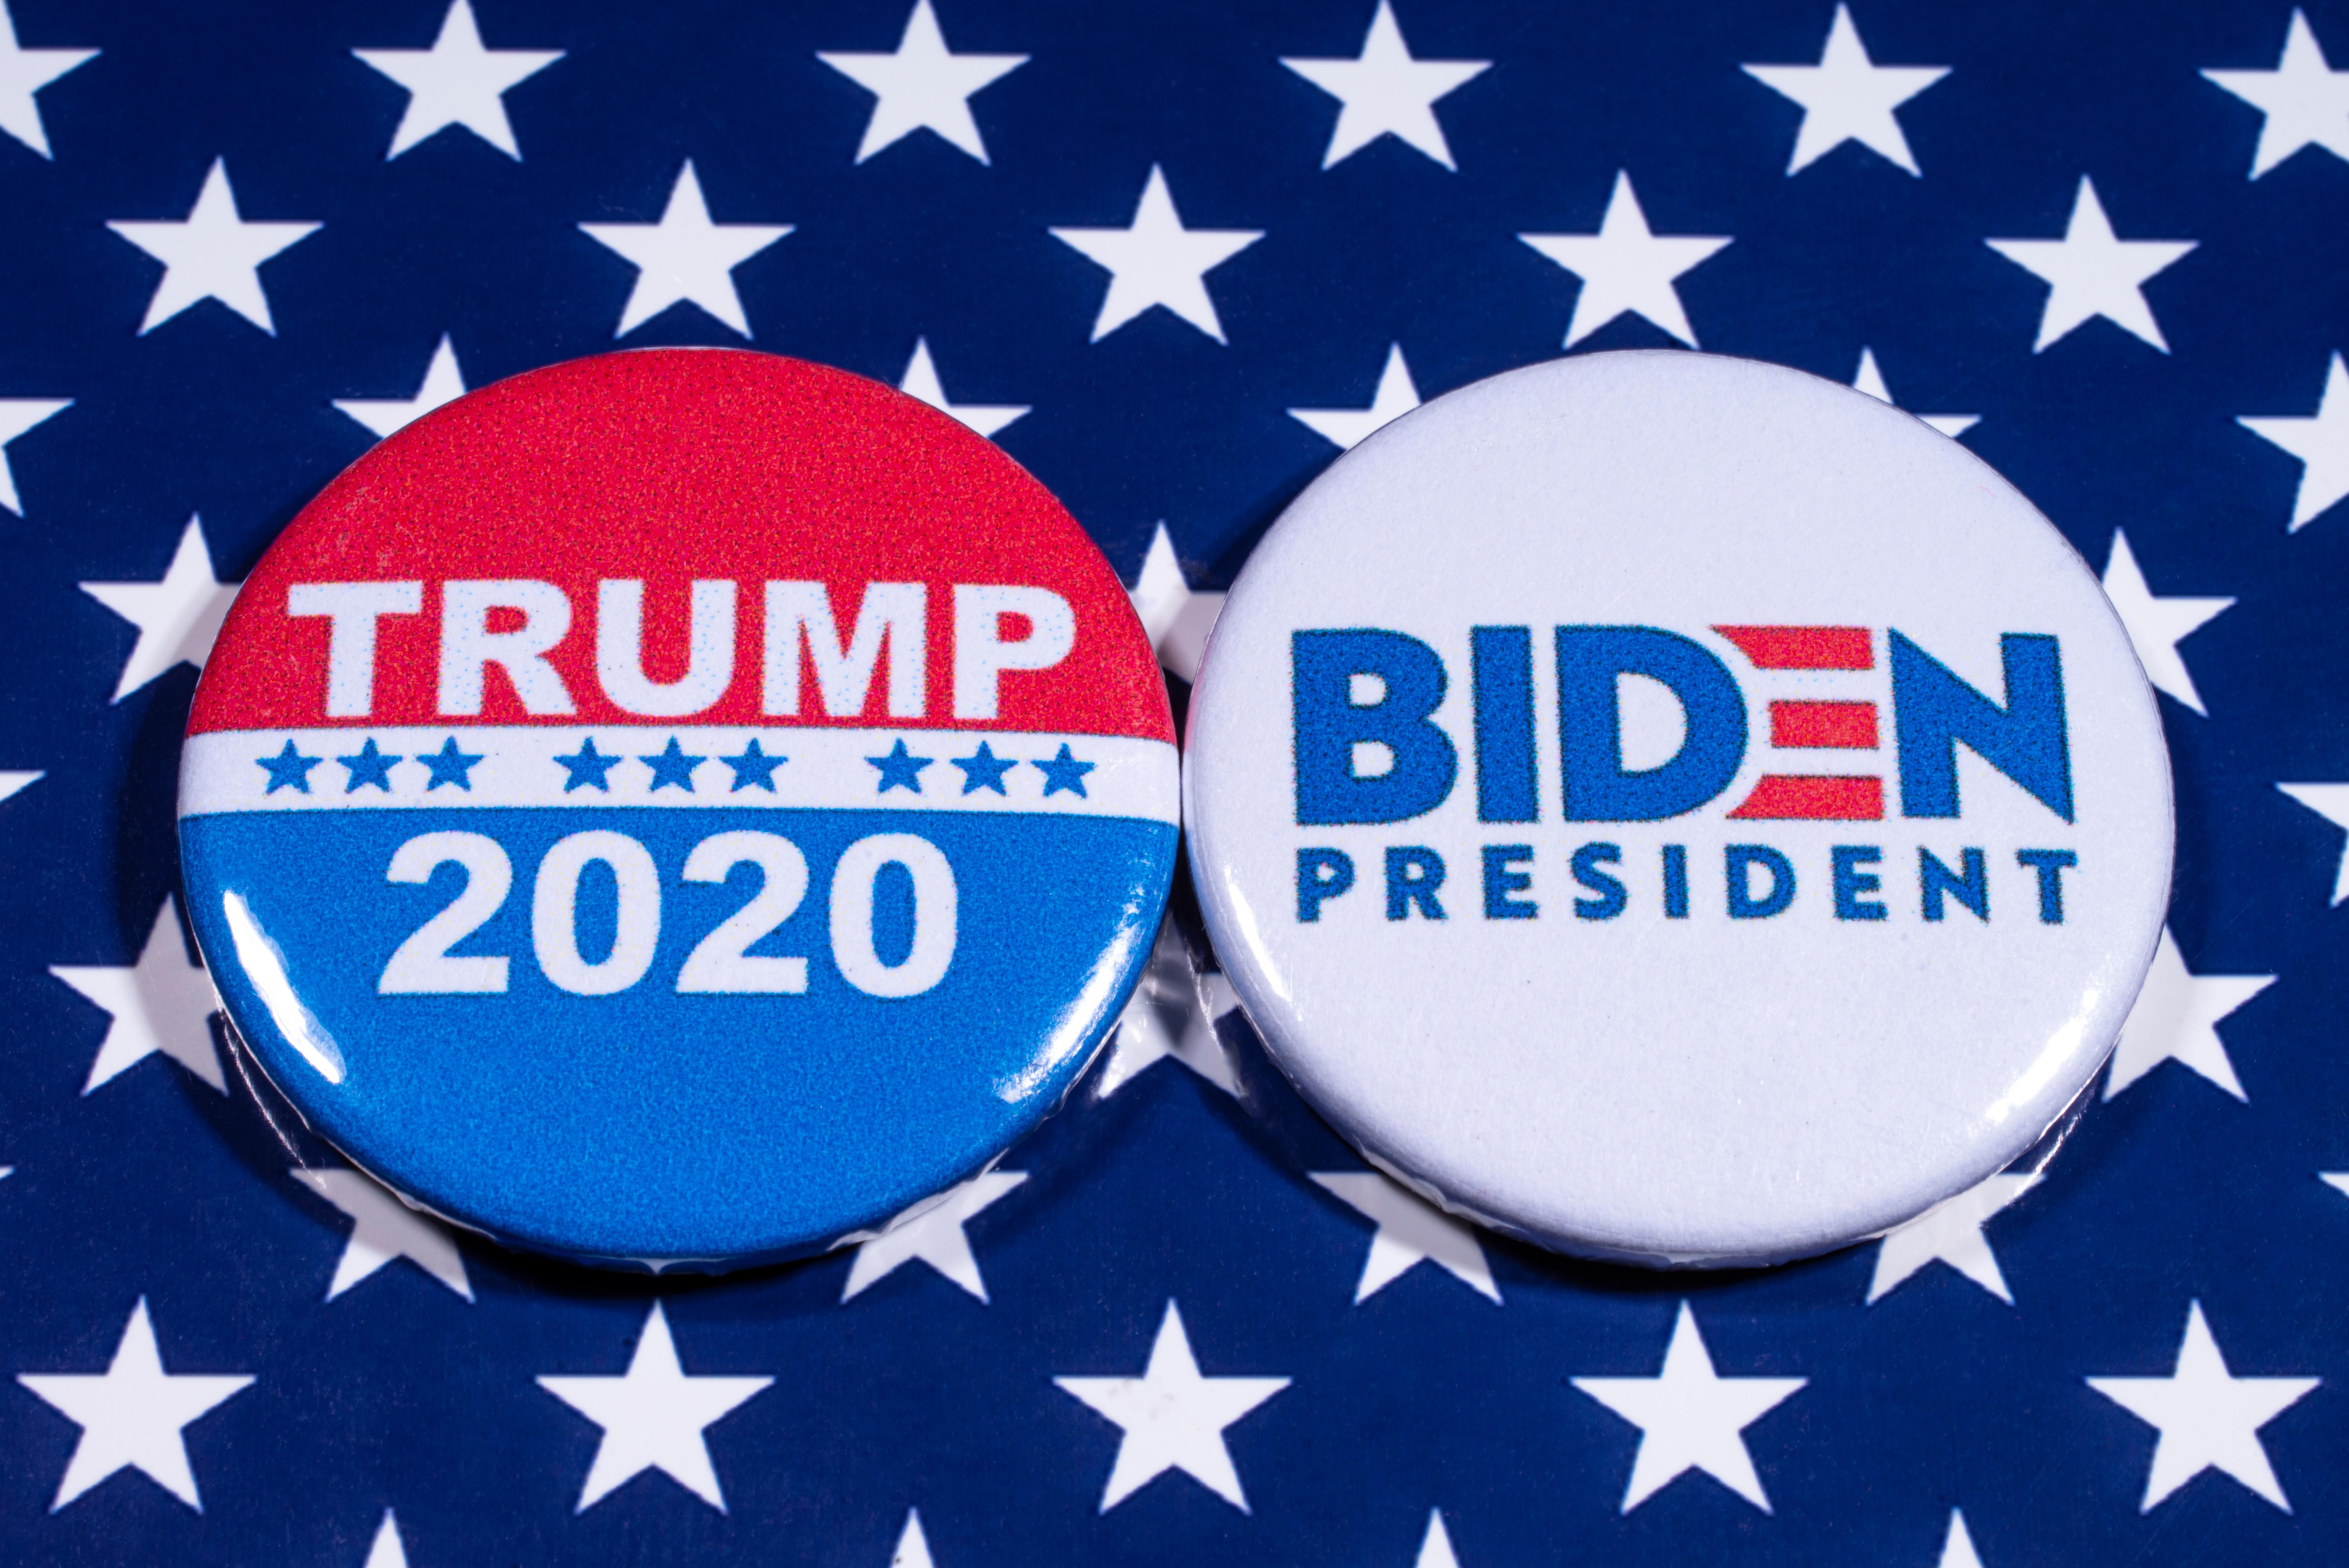 Joe Biden îl devansează pe Donald Trump în sondaje, cu două săptămâni înainte de alegerile prezidențiale